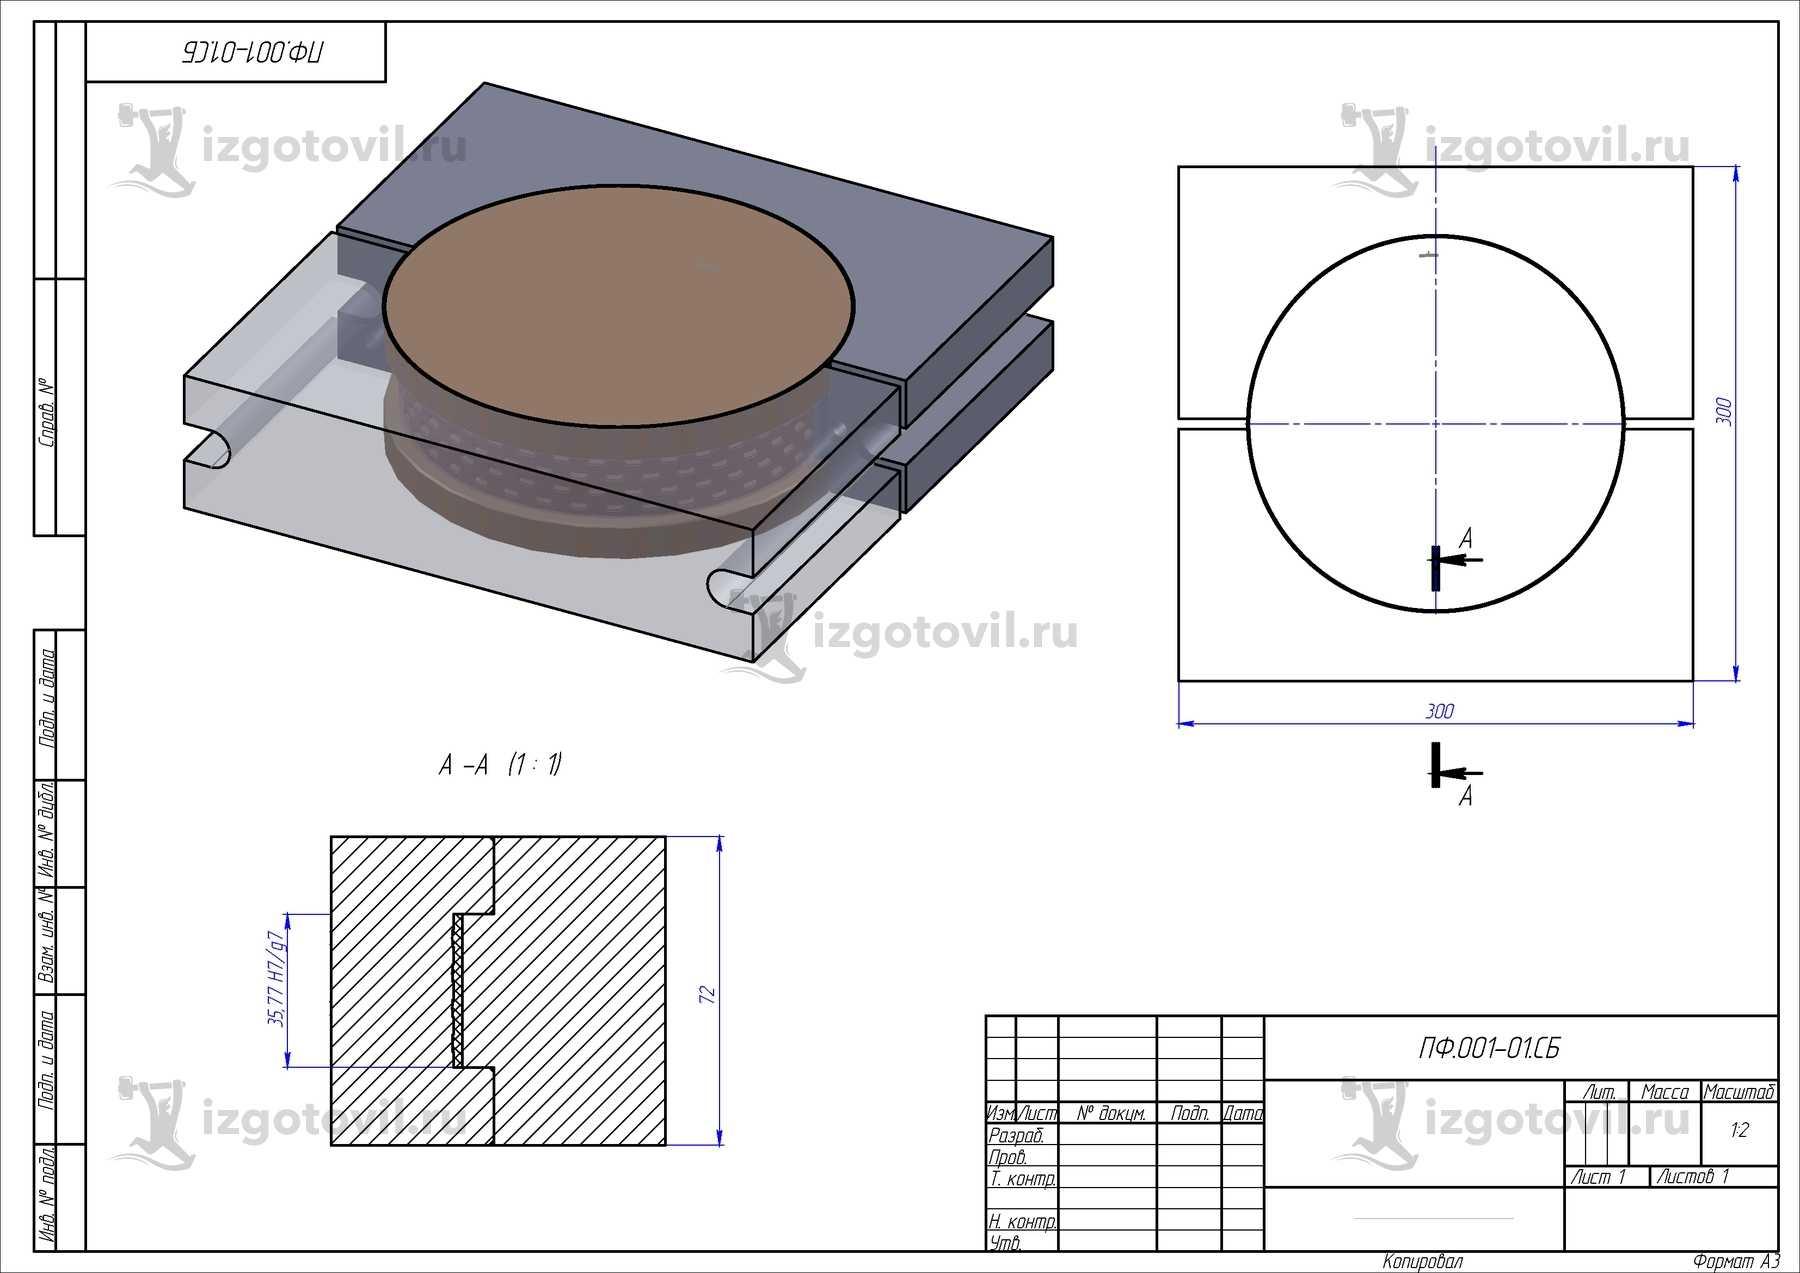 Изготовление деталей по чертежам (деталь)